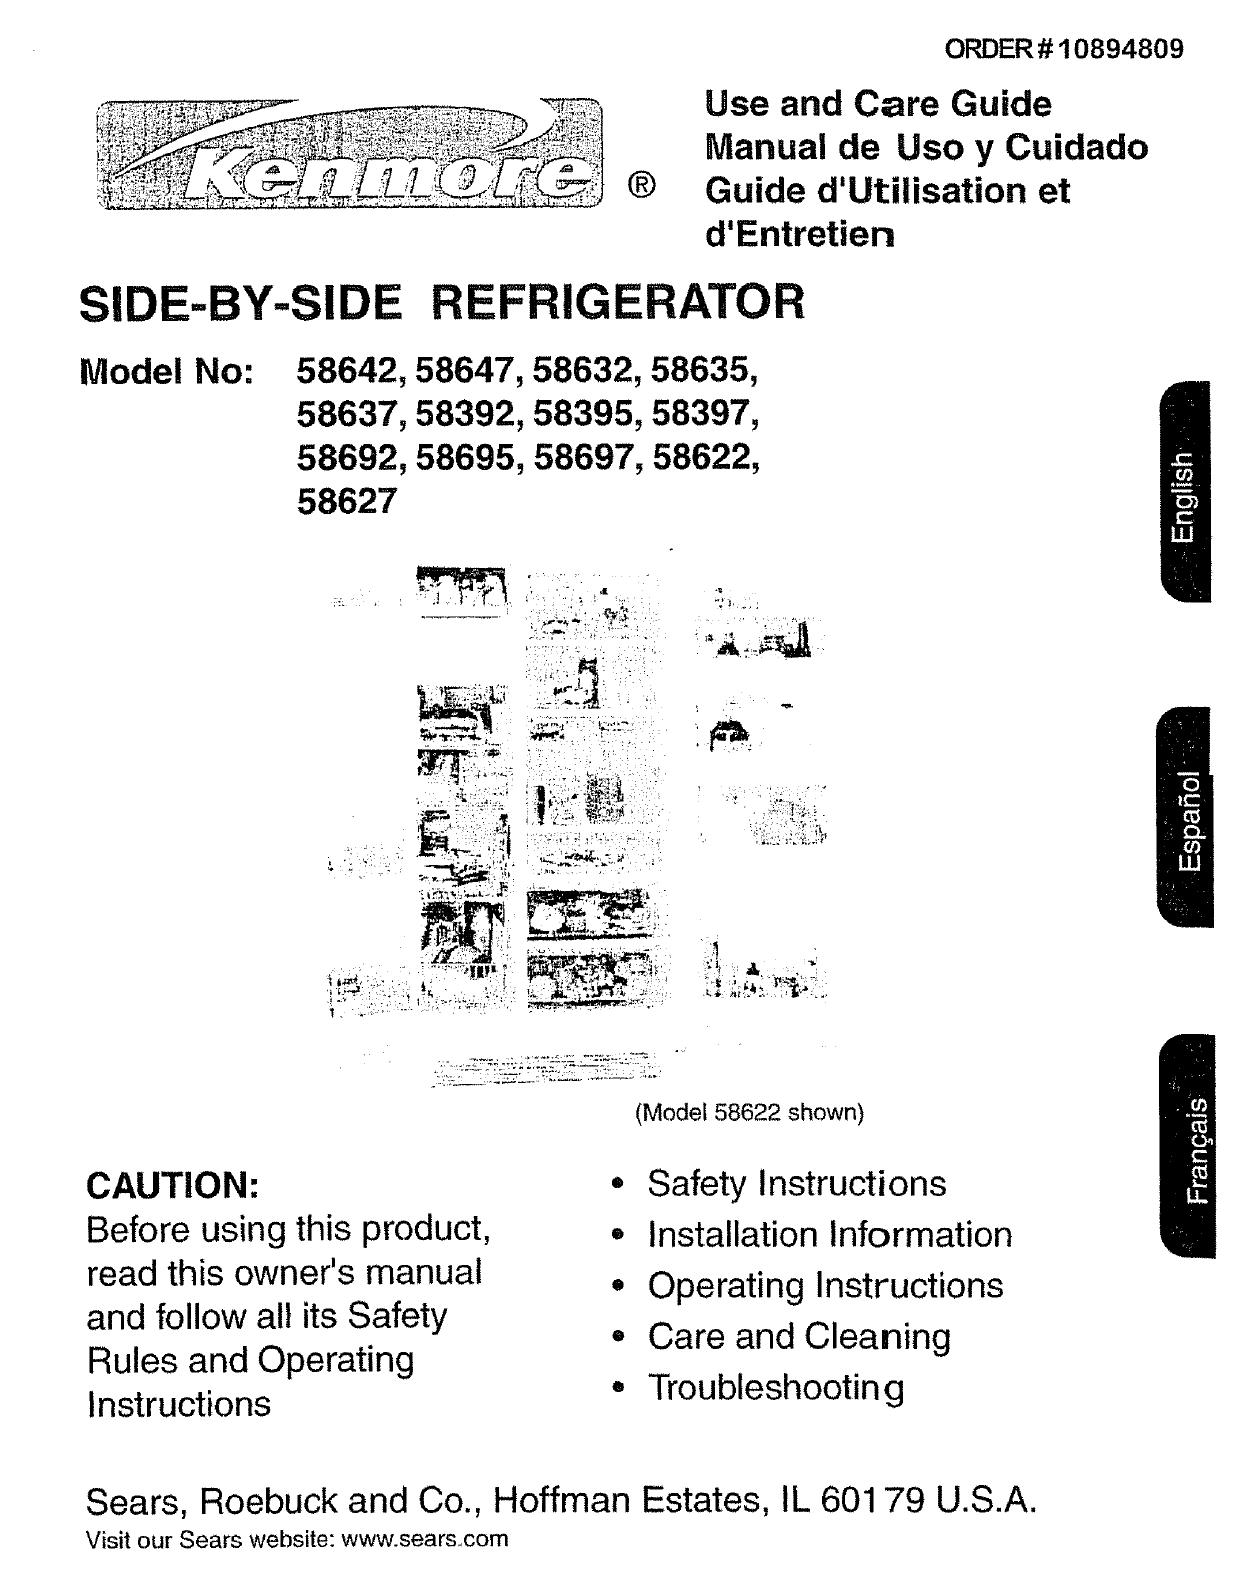 kenmore refrigerator 596 58692 user guide manualsonline com rh kitchen manualsonline com sears kenmore refrigerator user manual sears kenmore refrigerator user manual